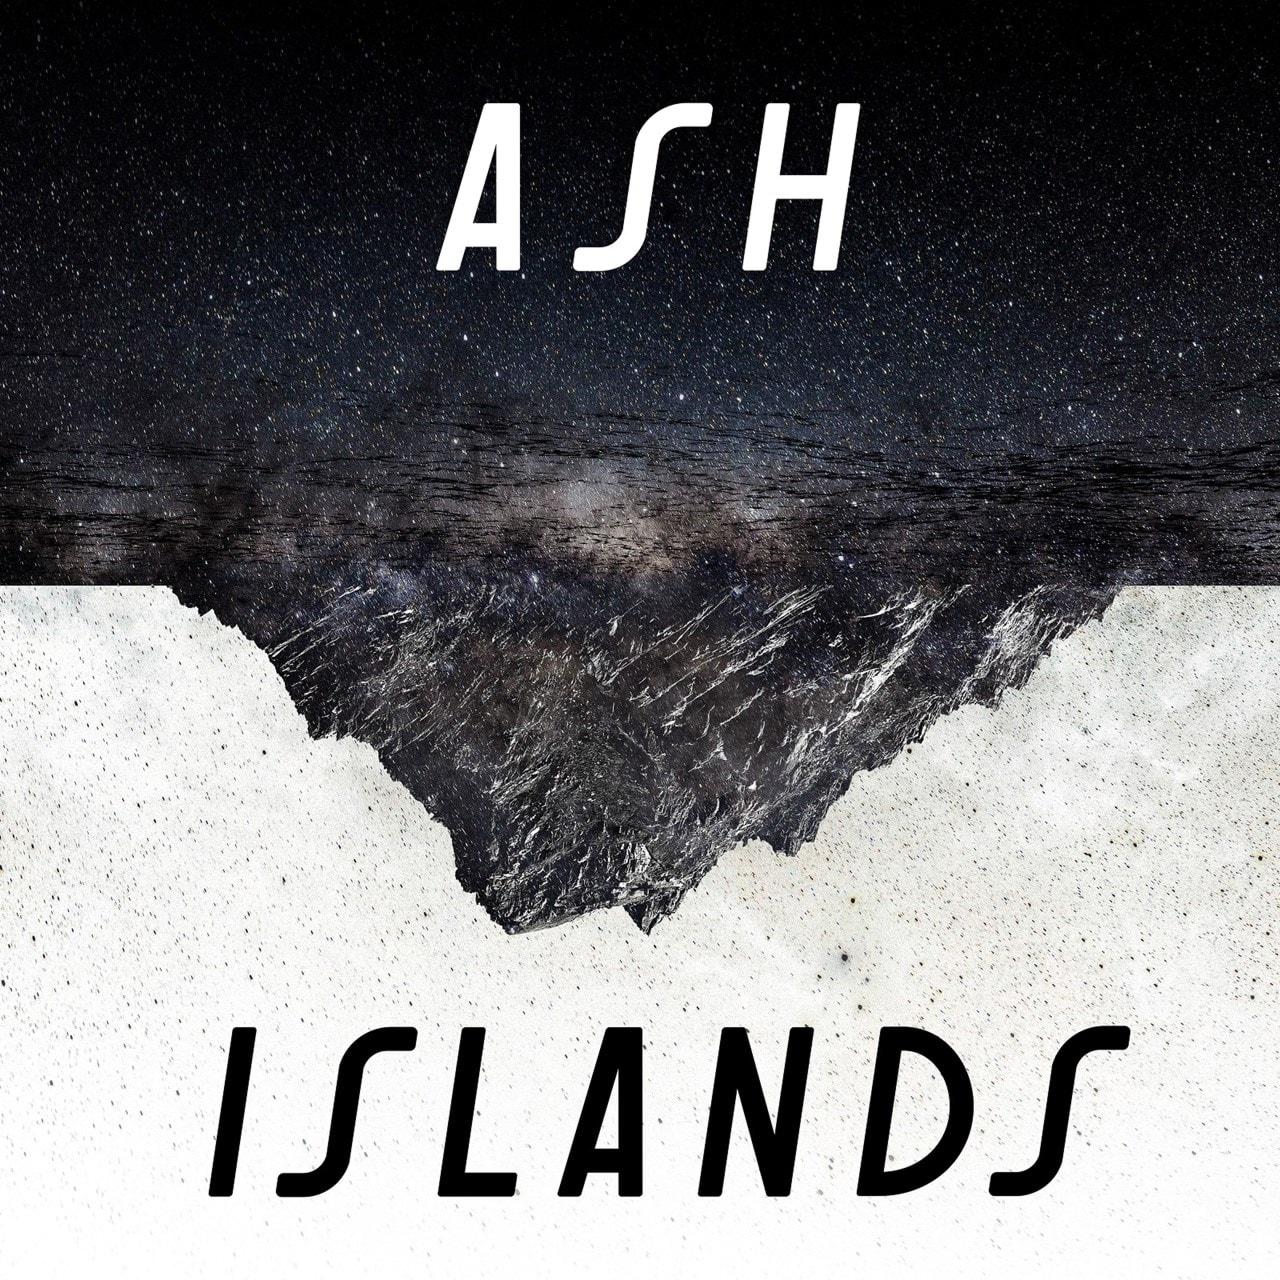 Islands - 1